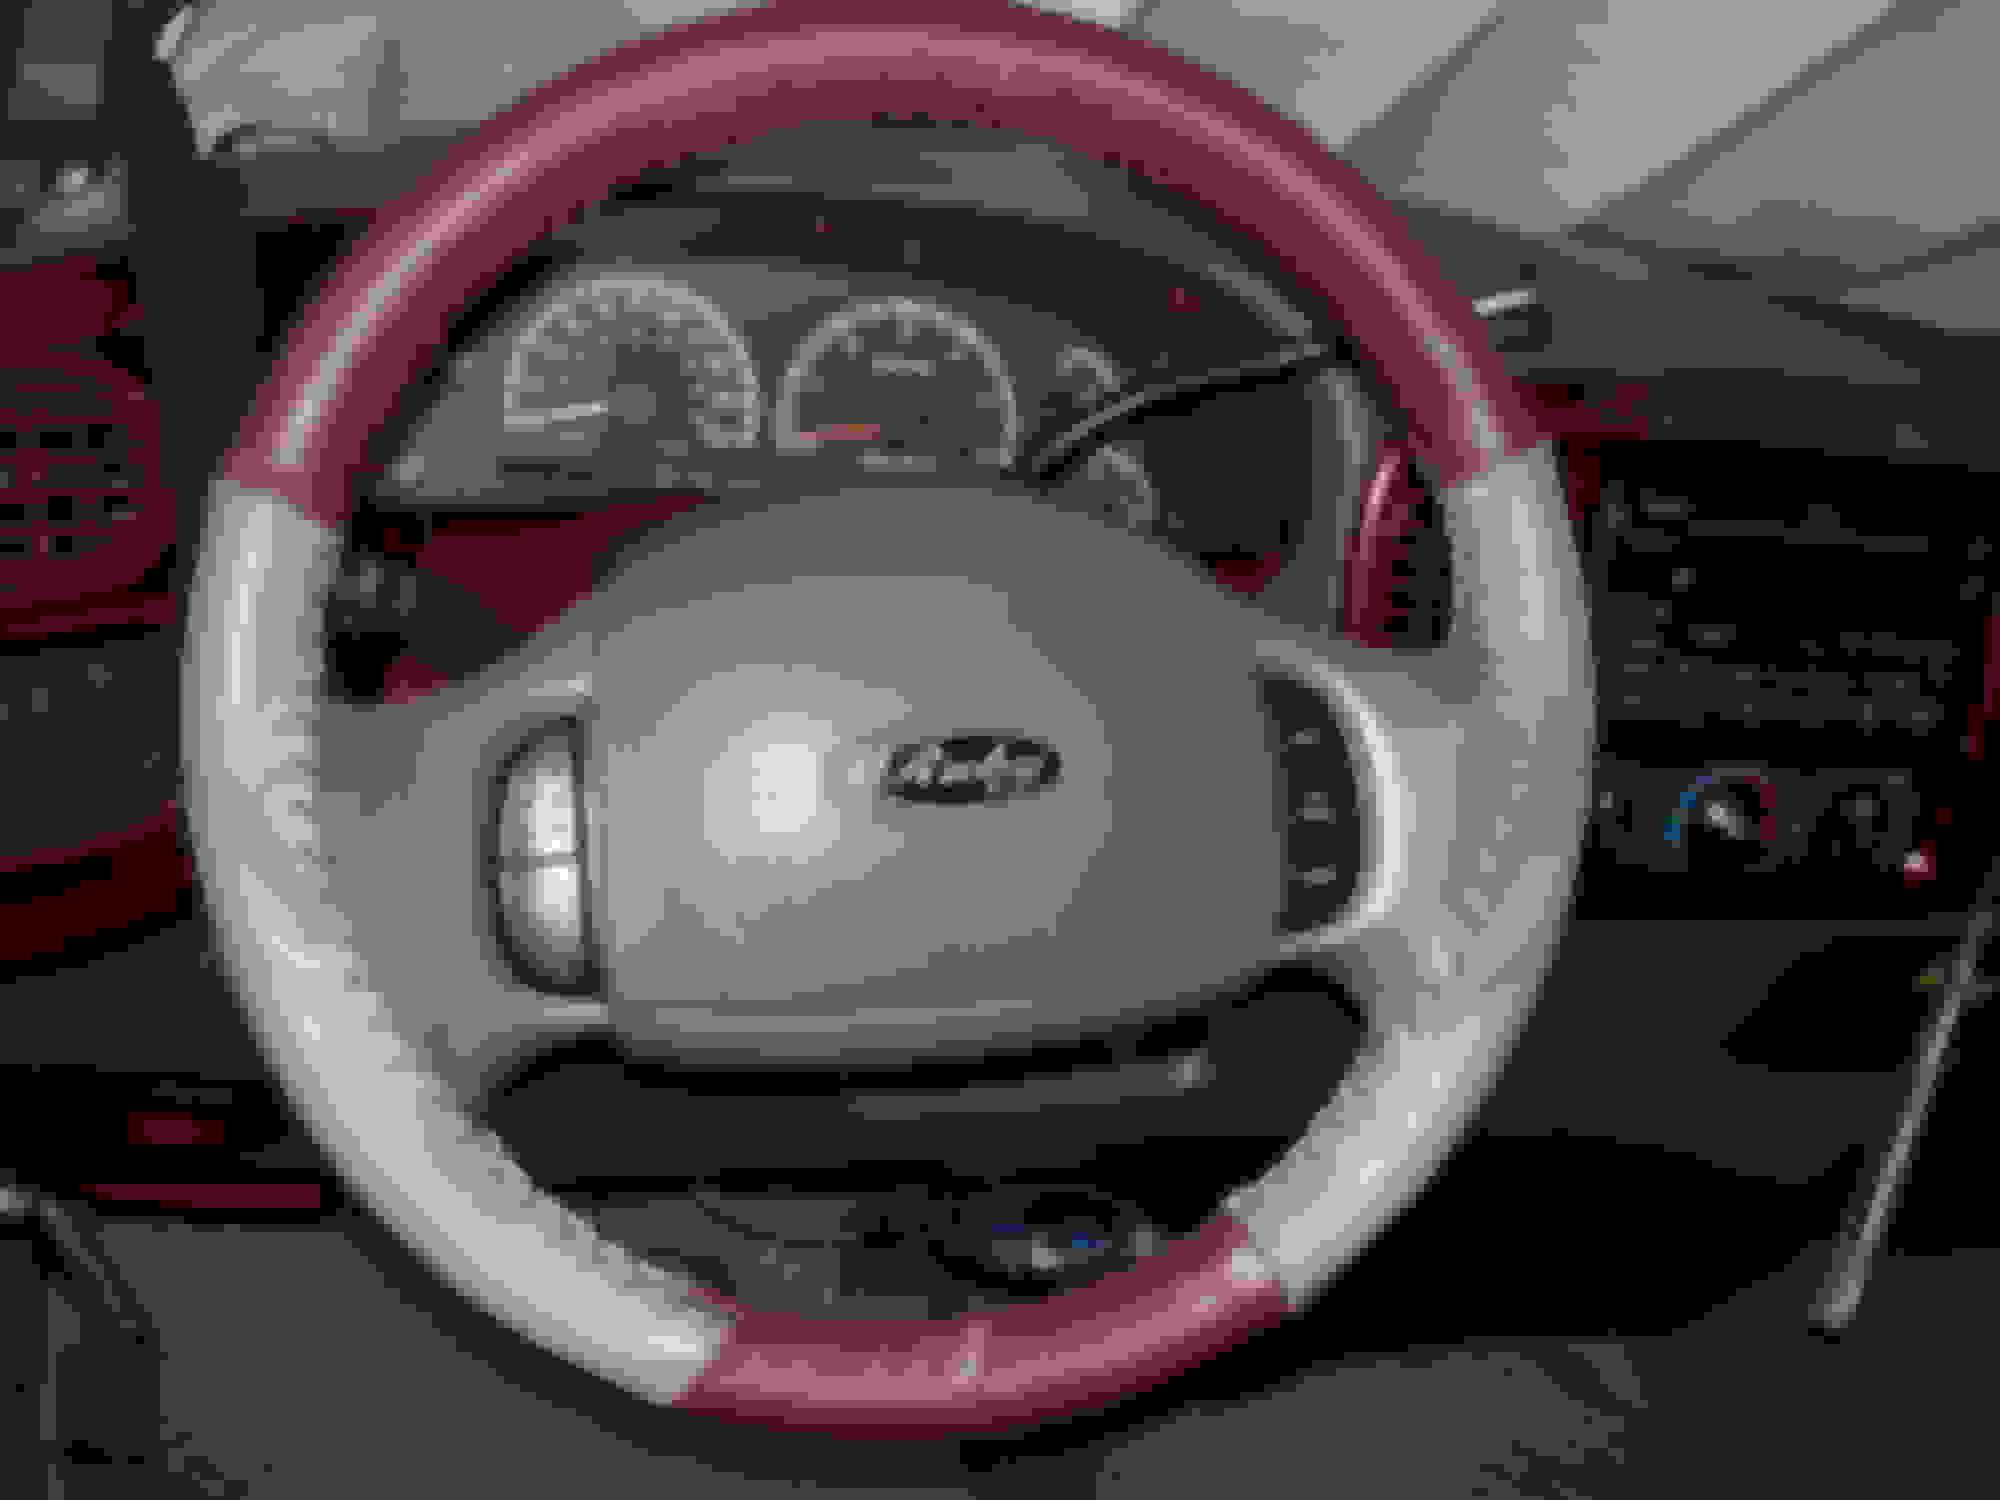 2003 F150 FX4 Fuel Pump Relay - F150online Forums